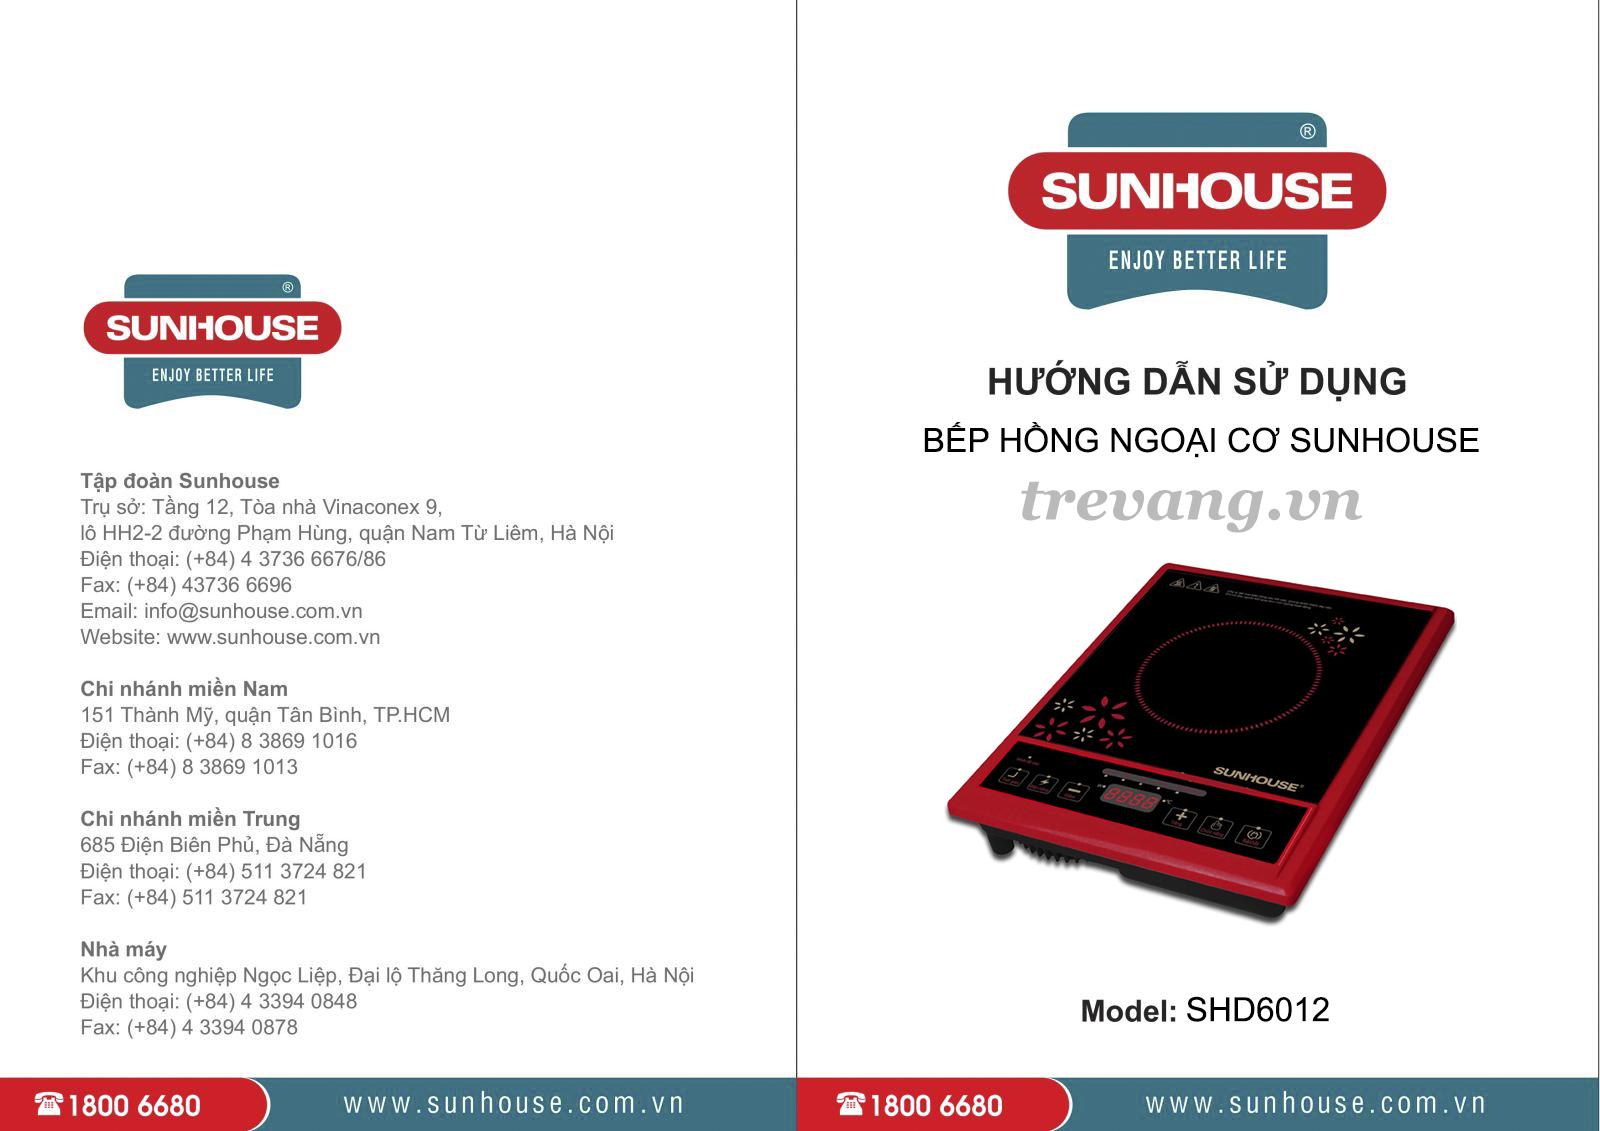 Bếp hồng ngoại cơ Sunhouse SHD6012 sách hướng dẫn sử dụng